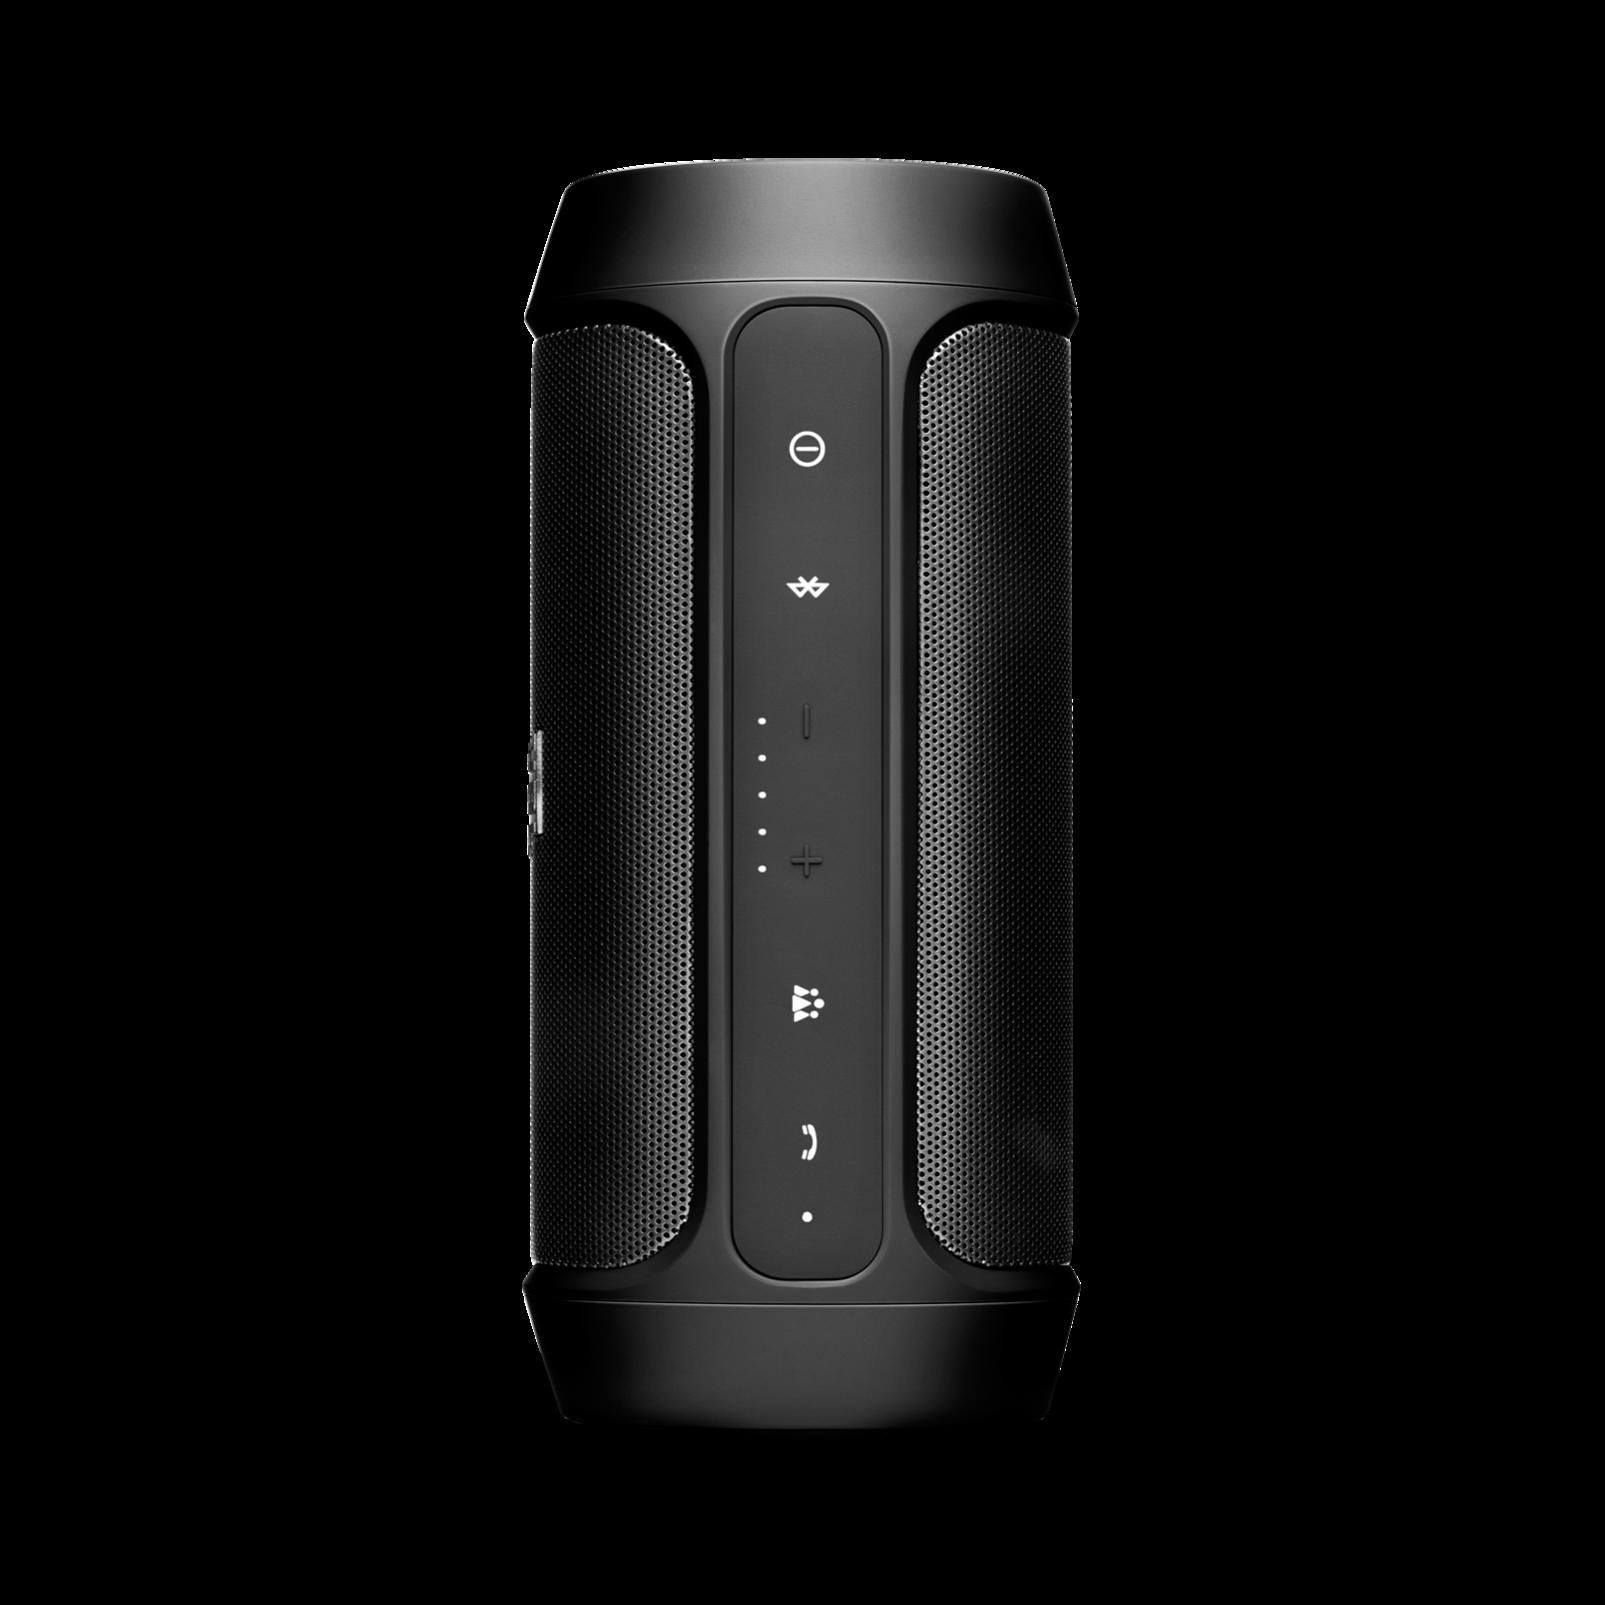 Jbl clip 2 | waterproof ultra-portable bluetooth speaker.